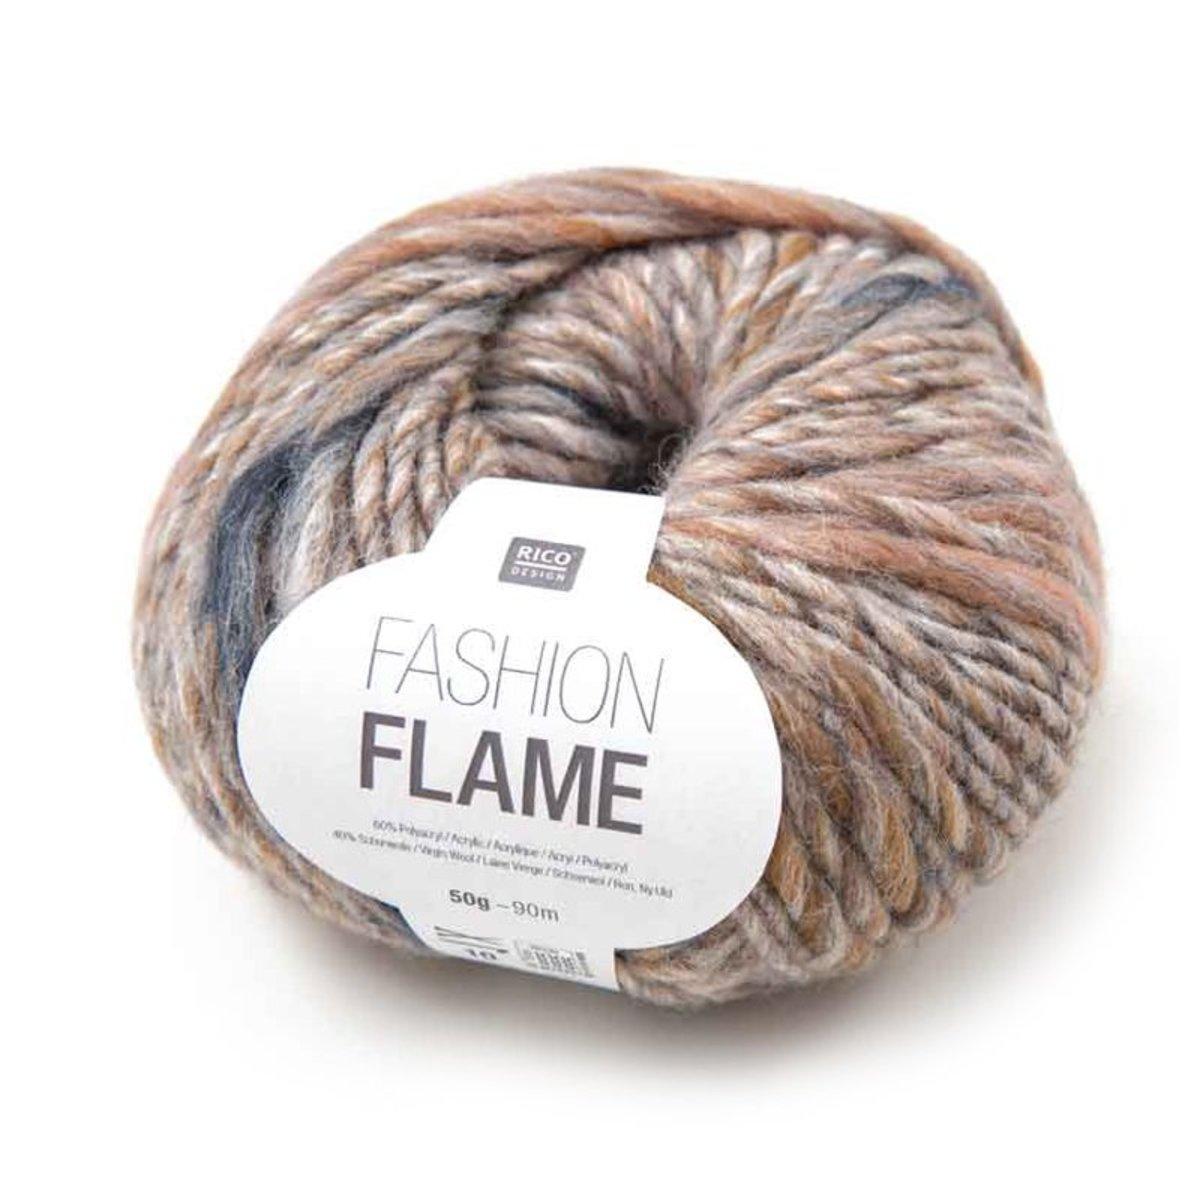 Bild 1 von Rico Design Fashion Flame 50g 90m